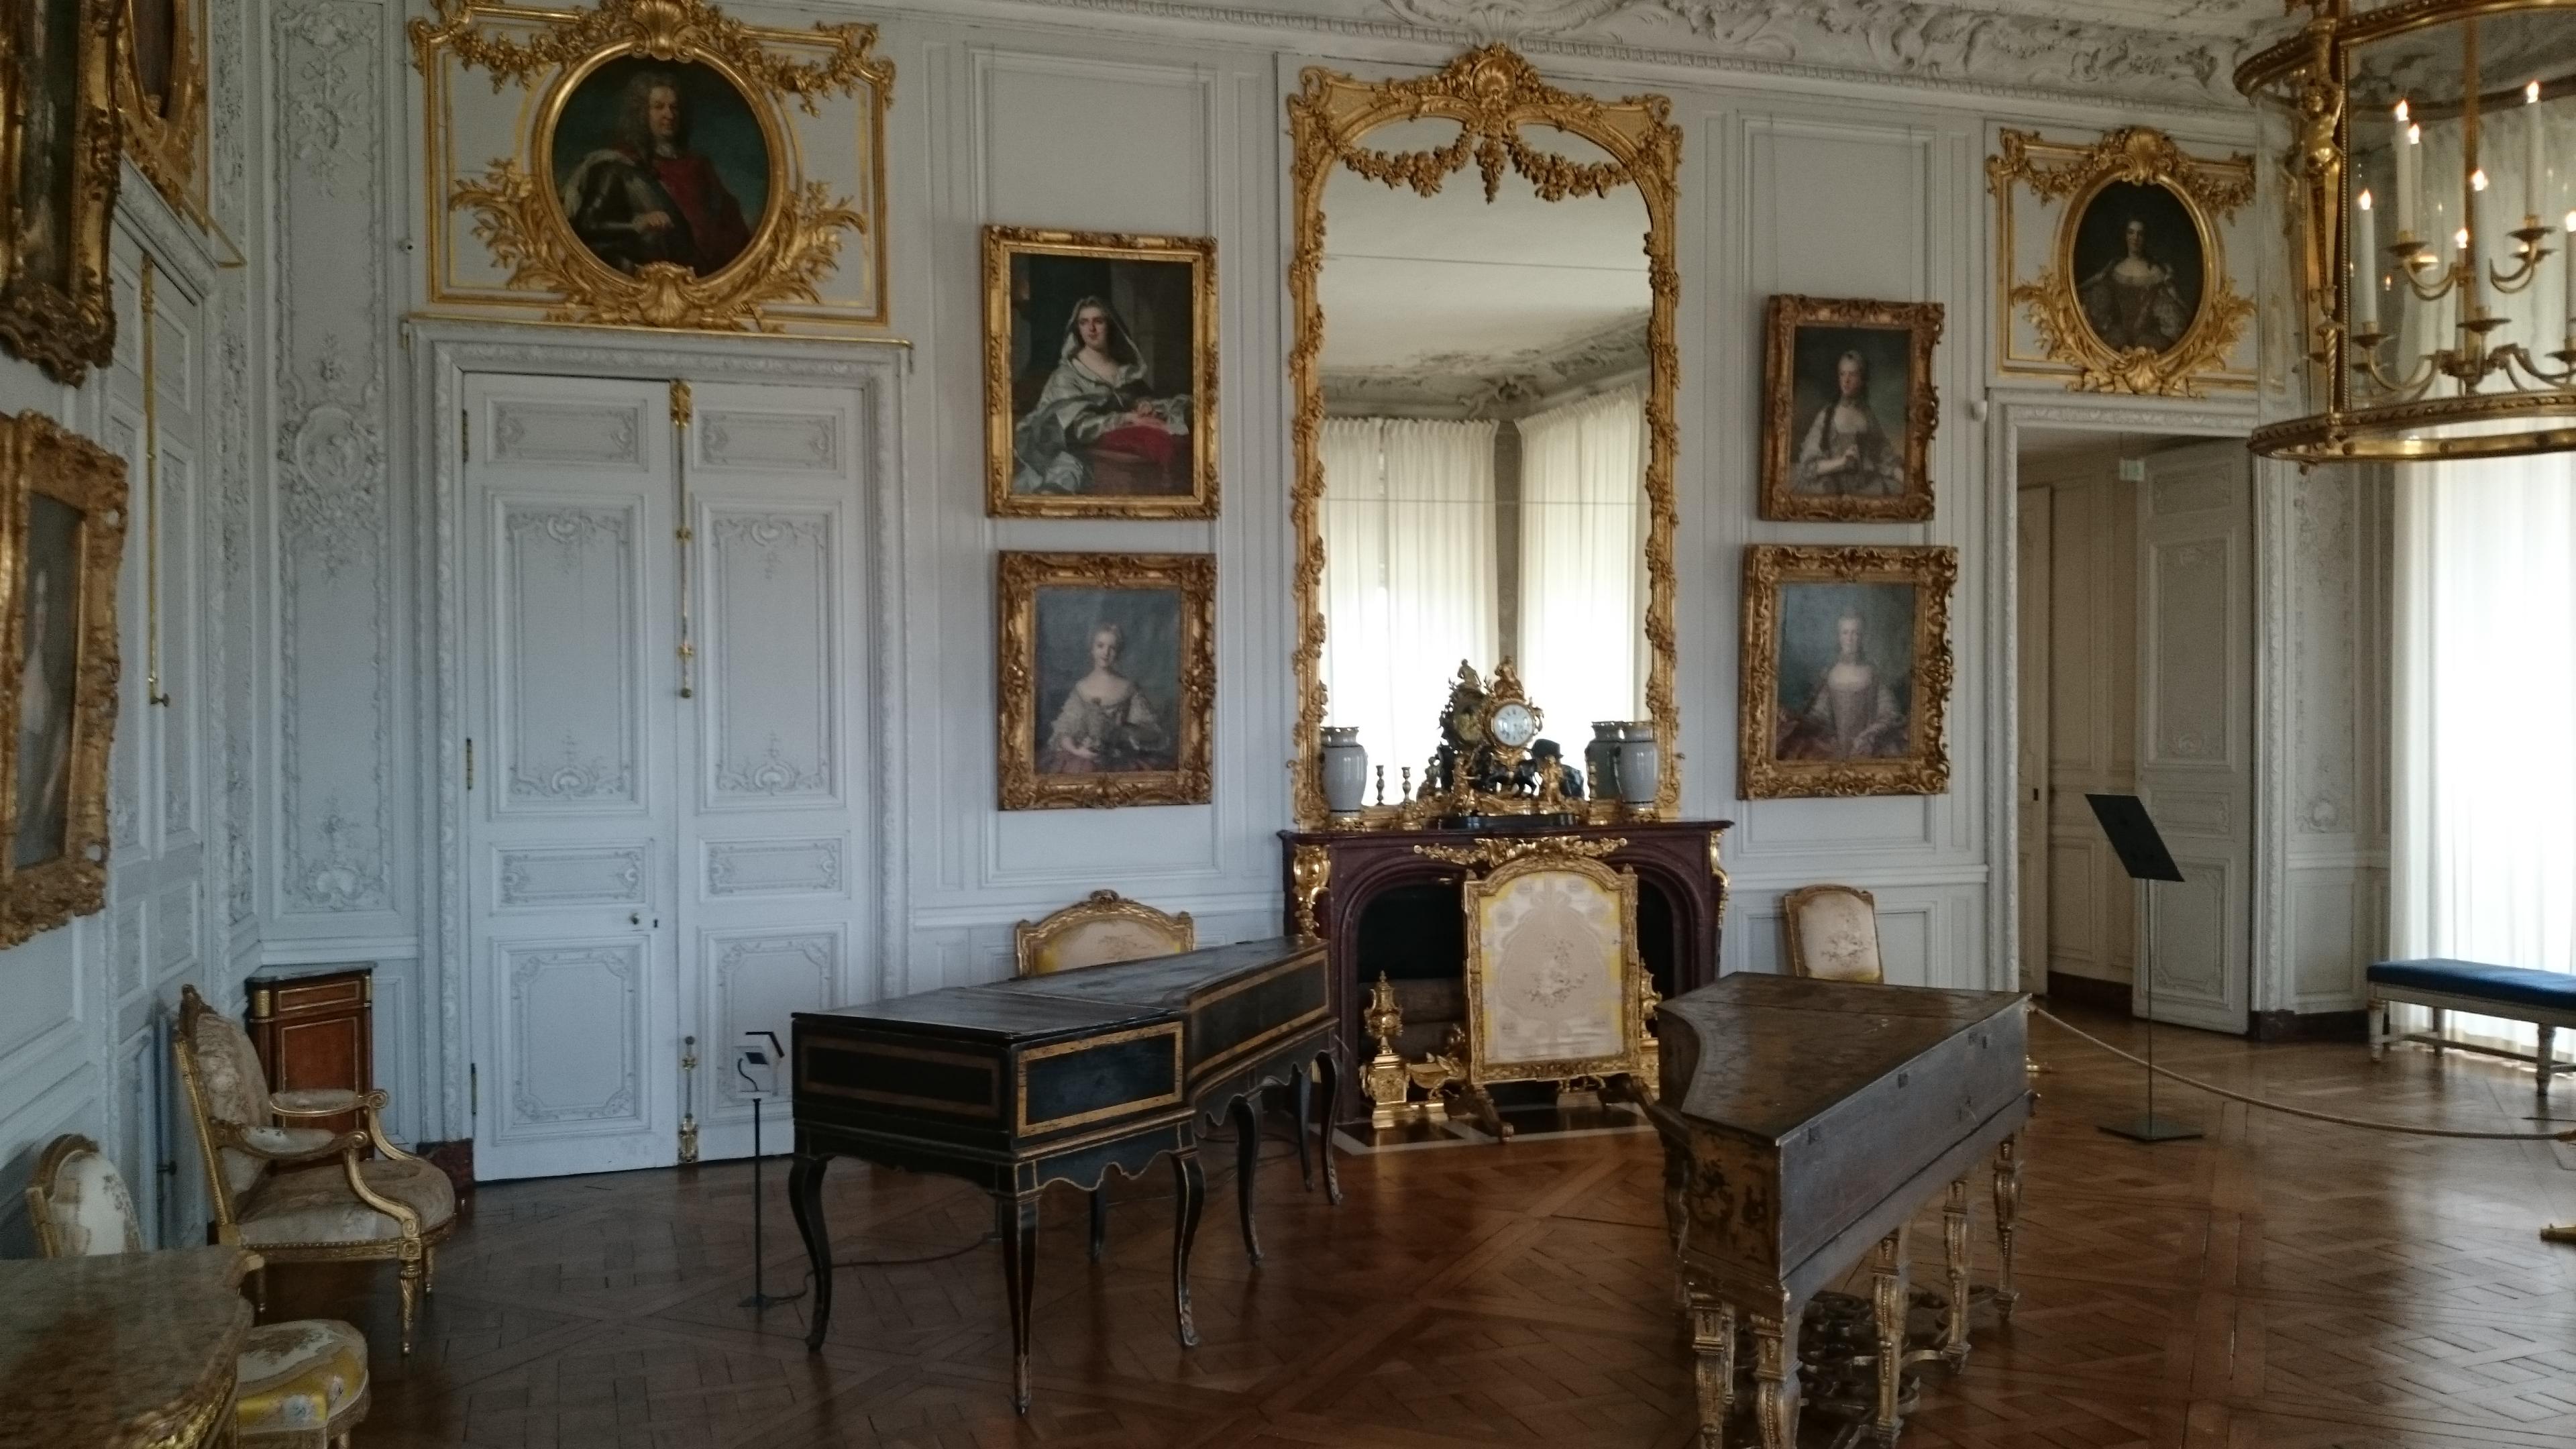 dsc 14181 - Visita al Palacio de Versalles: Como ir, cuanto cuesta y tips III/III